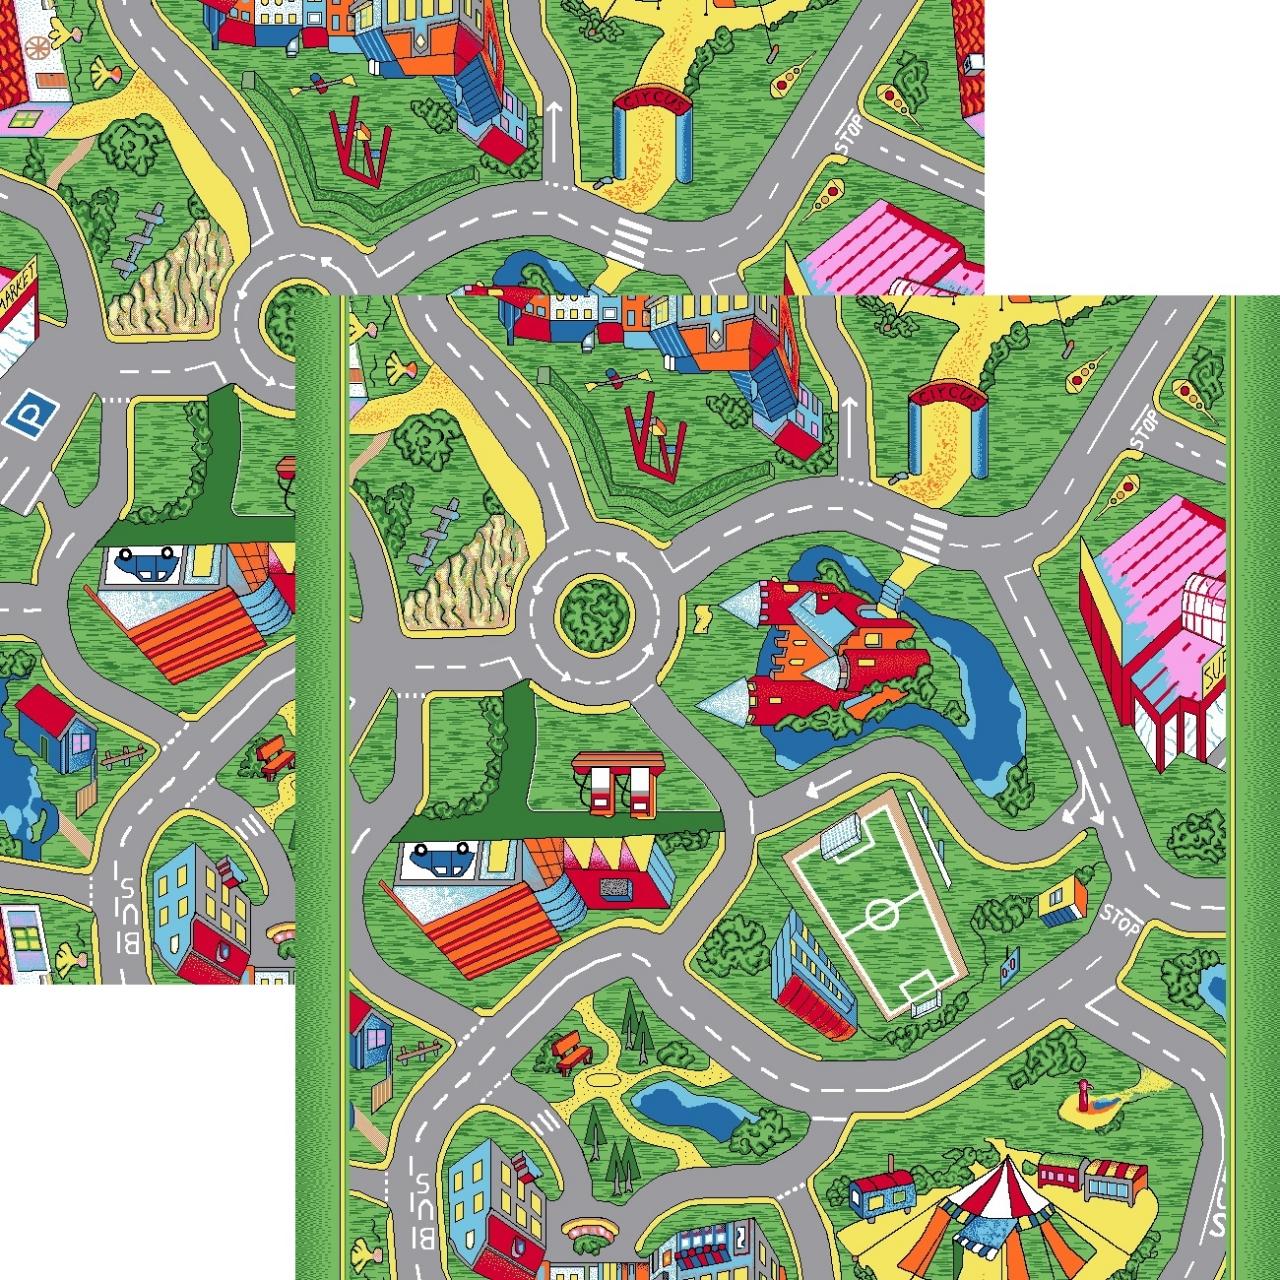 Ковер p1129b8p - 51 - Прямоугольник - коллекция принт обр 10-ти цветное полотно